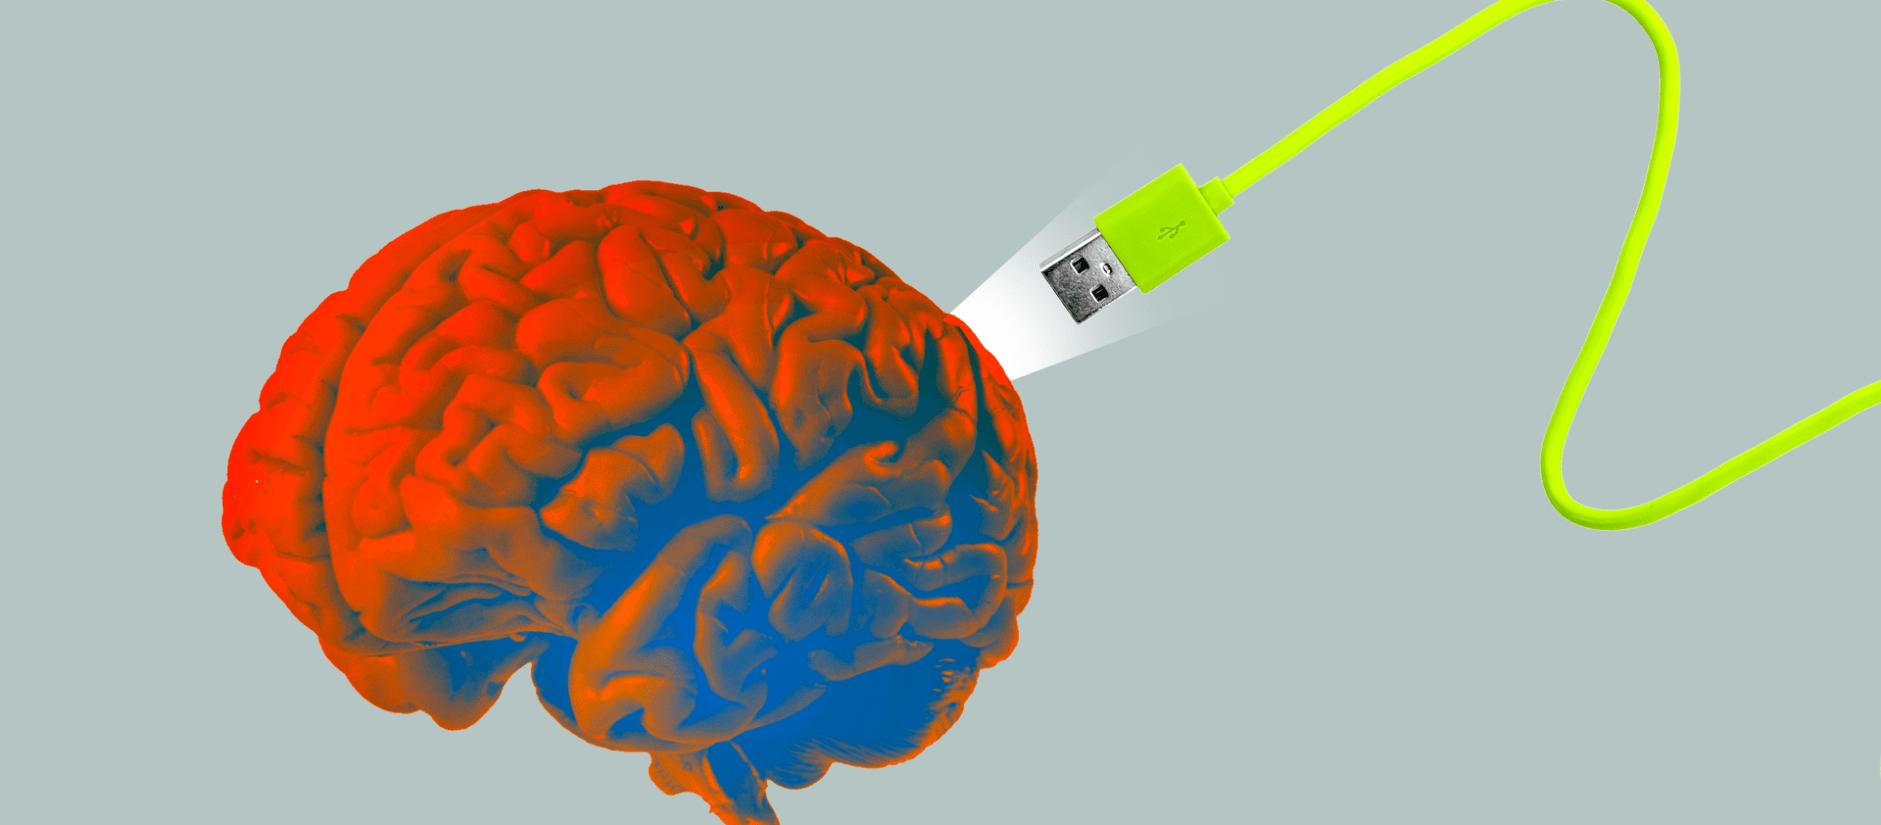 Les geeks de la Silicon Valley transforment leurs enfants en cyborgs